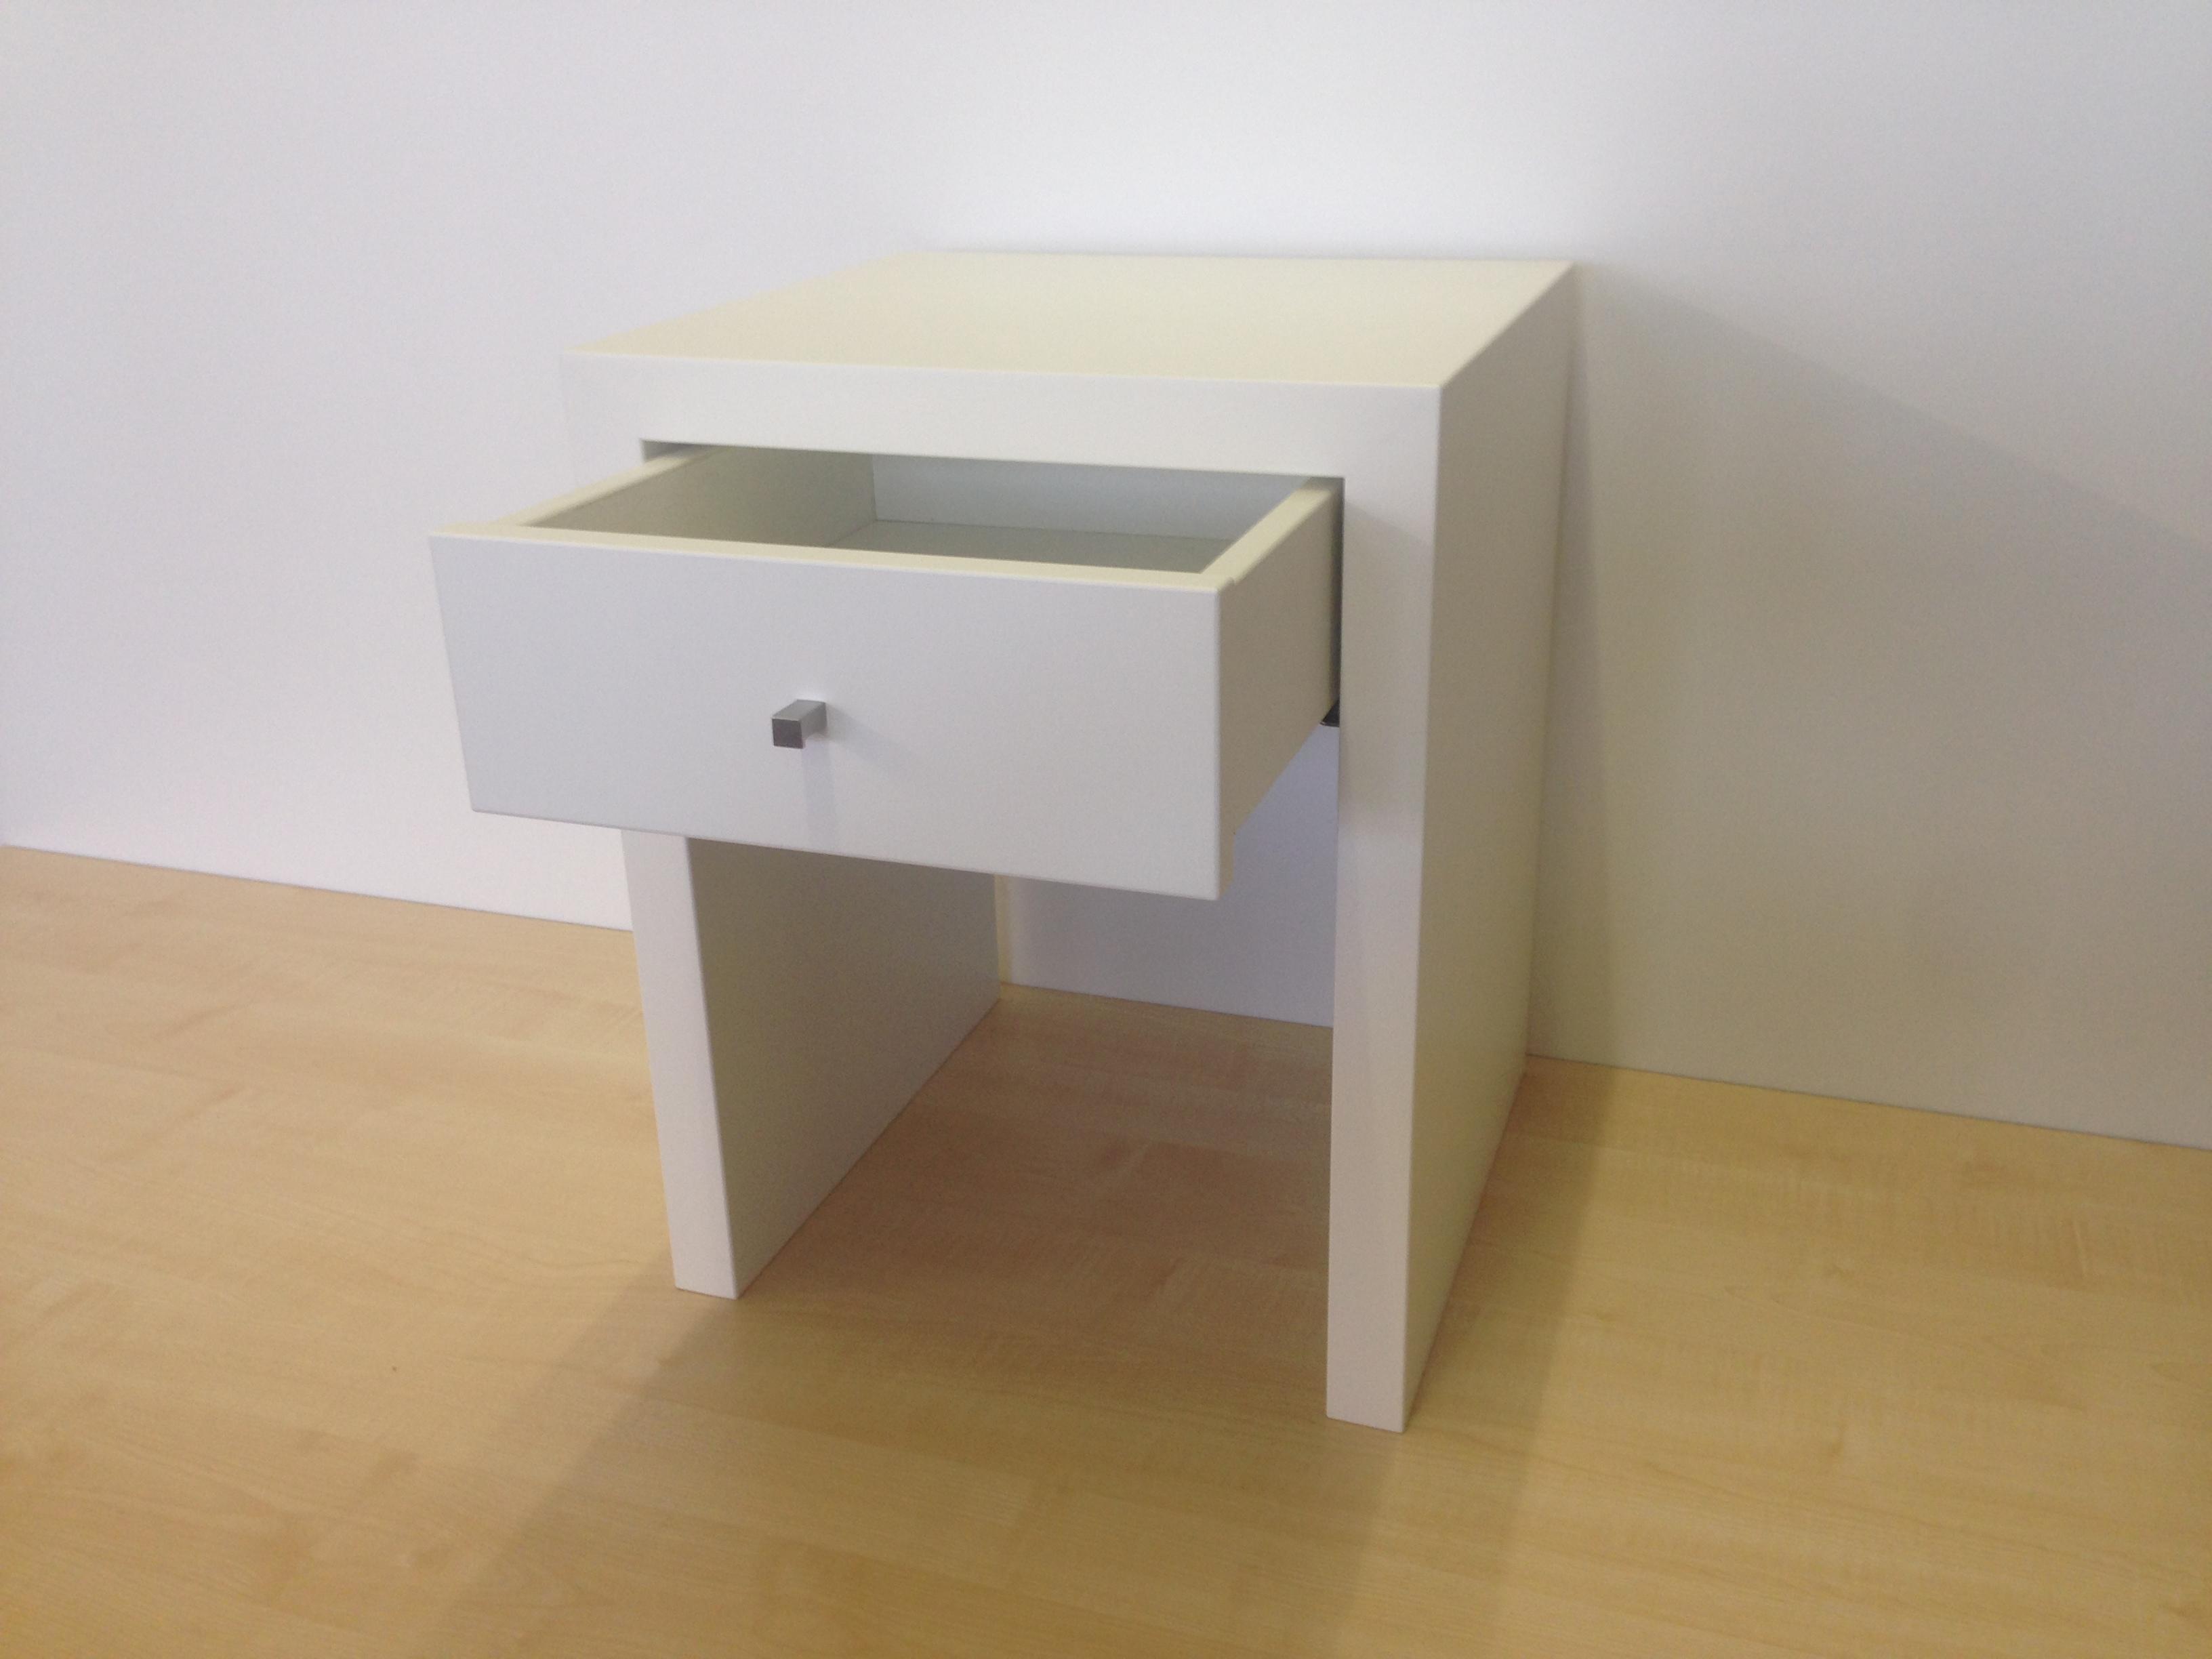 nachttisch beistelltisch mit schublade lackiert weiss. Black Bedroom Furniture Sets. Home Design Ideas